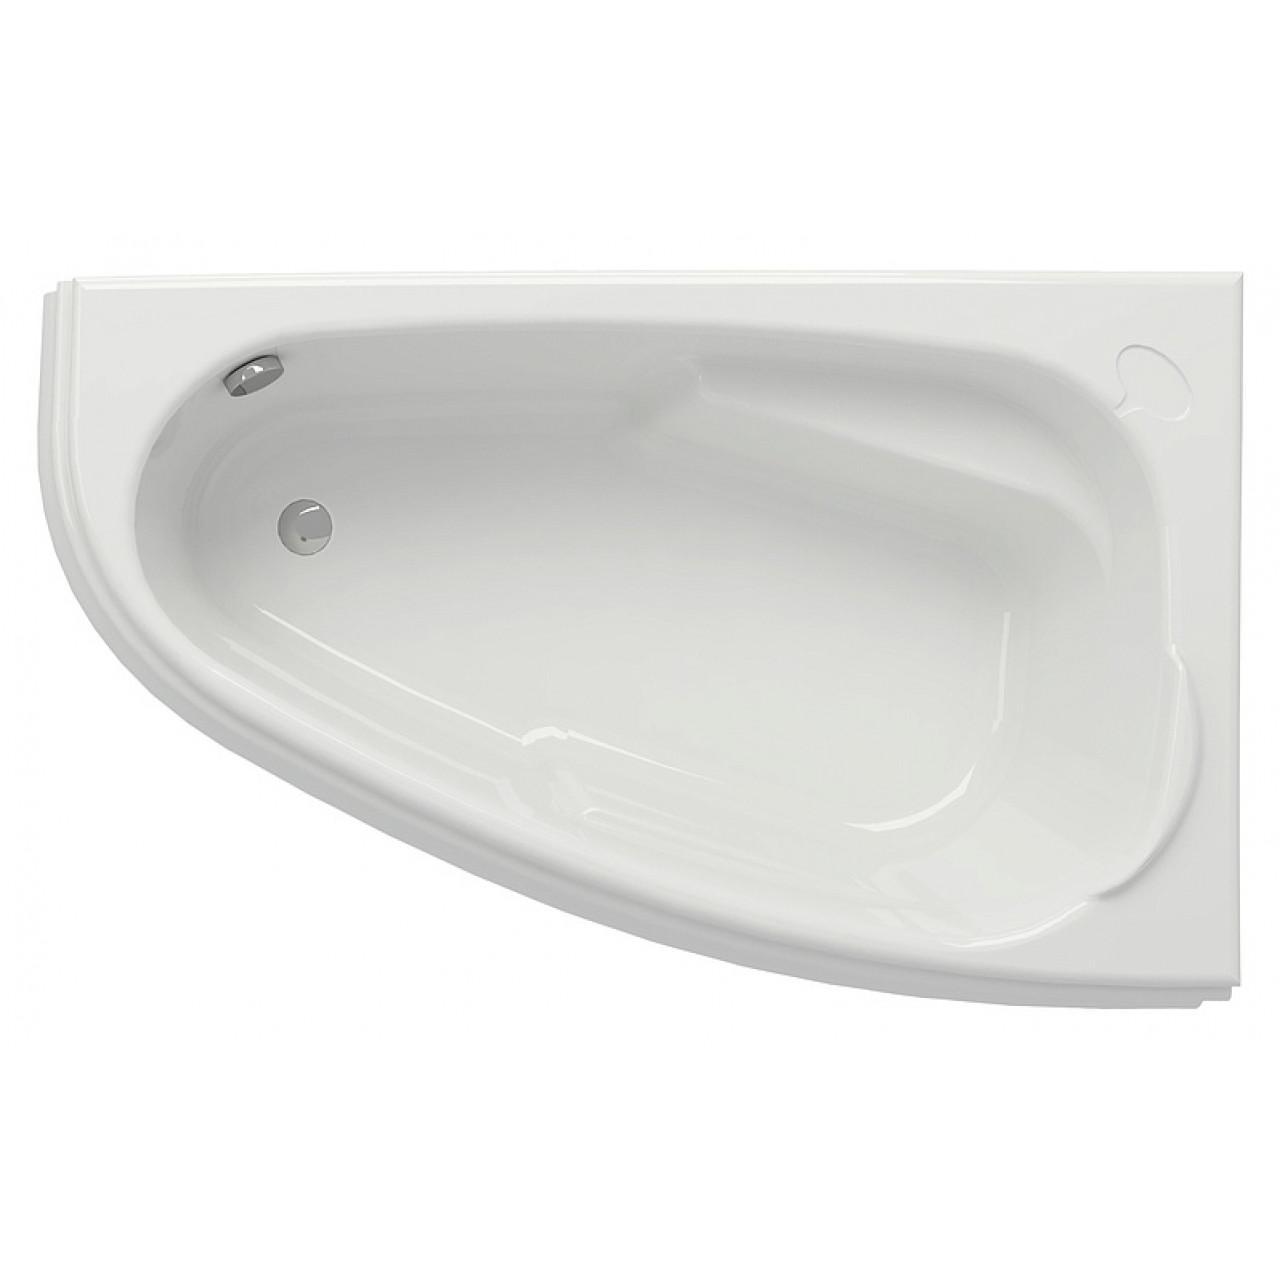 Акриловая ванна Cersanit Joanna WA-JOANNA*150 150x95 см купить в Москве по цене от 8495р. в интернет-магазине mebel-v-vannu.ru